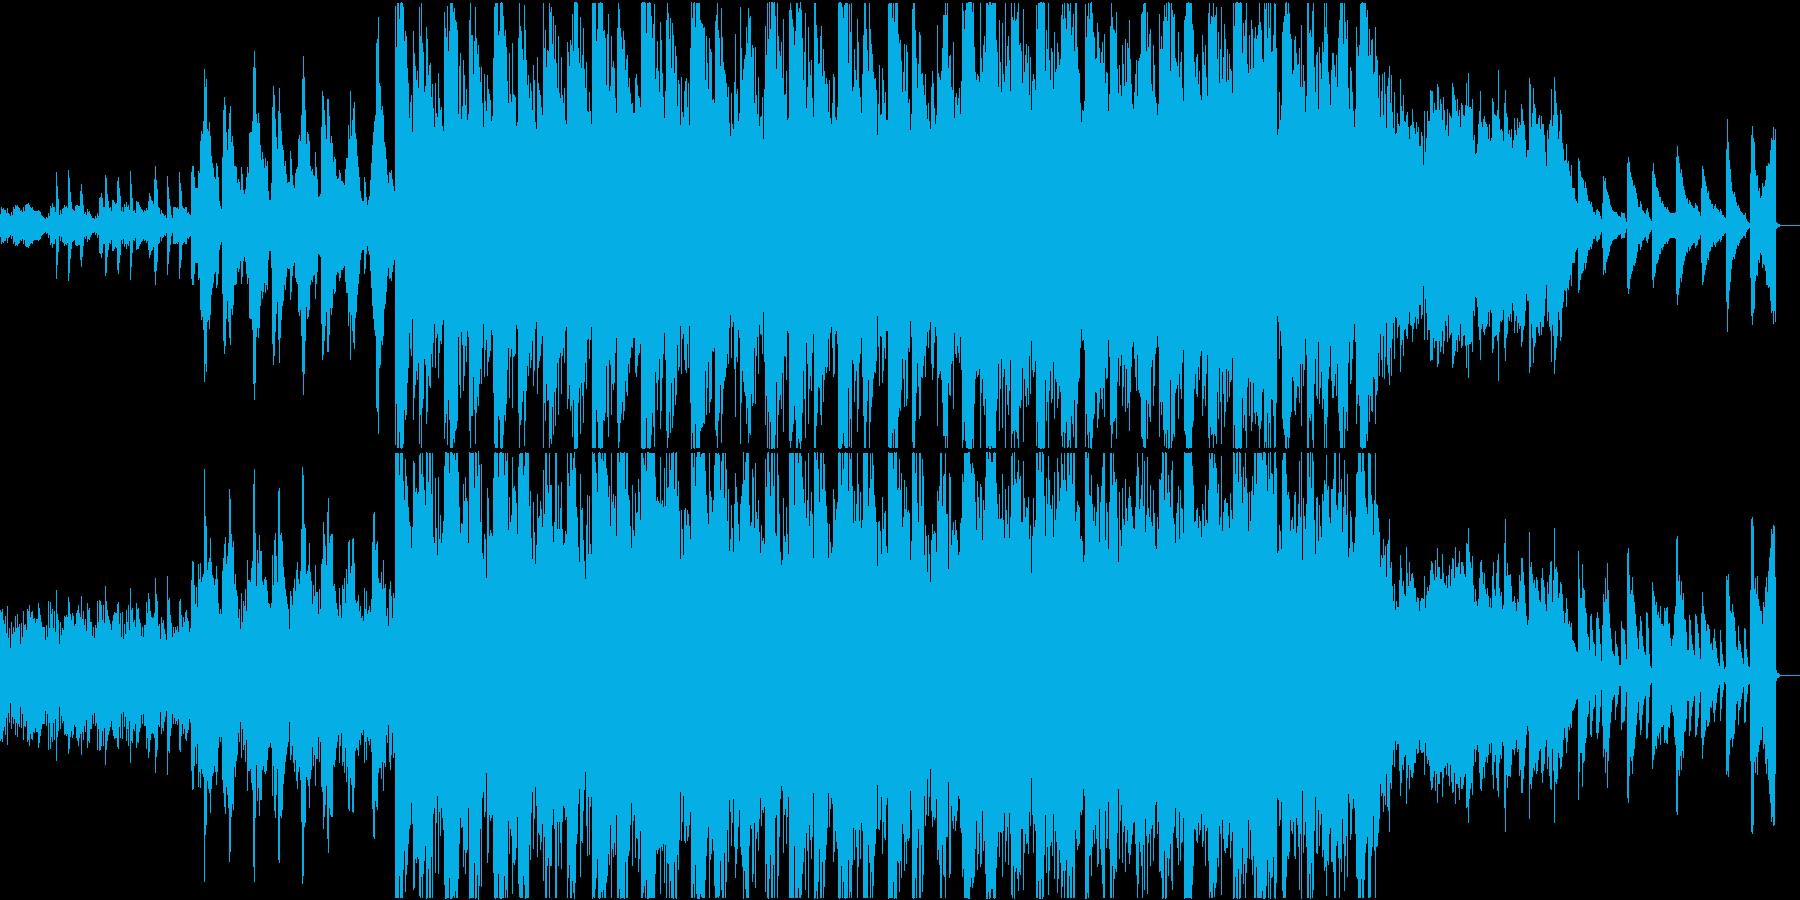 不安にさせるホラー/サスペンス用テーマ曲の再生済みの波形